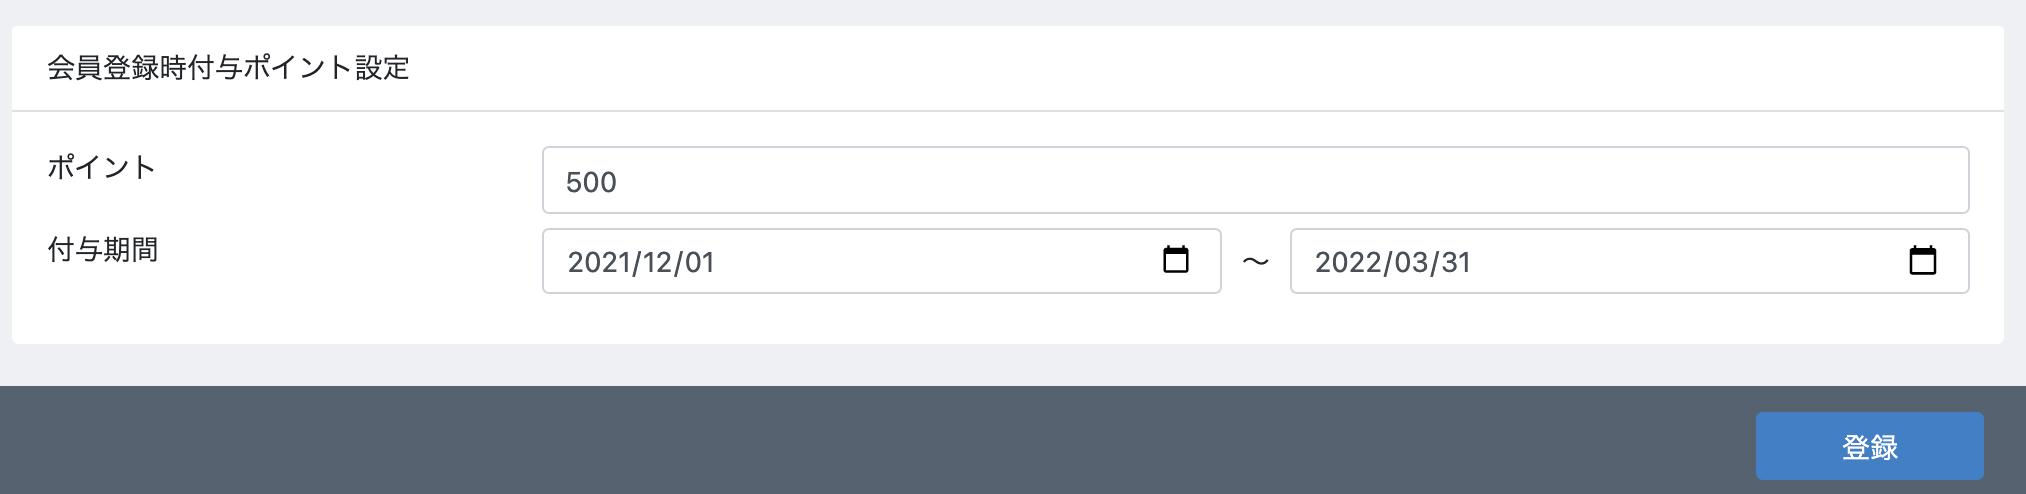 新規会員登録時ポイント付与プラグイン for EC-CUBE 4.0